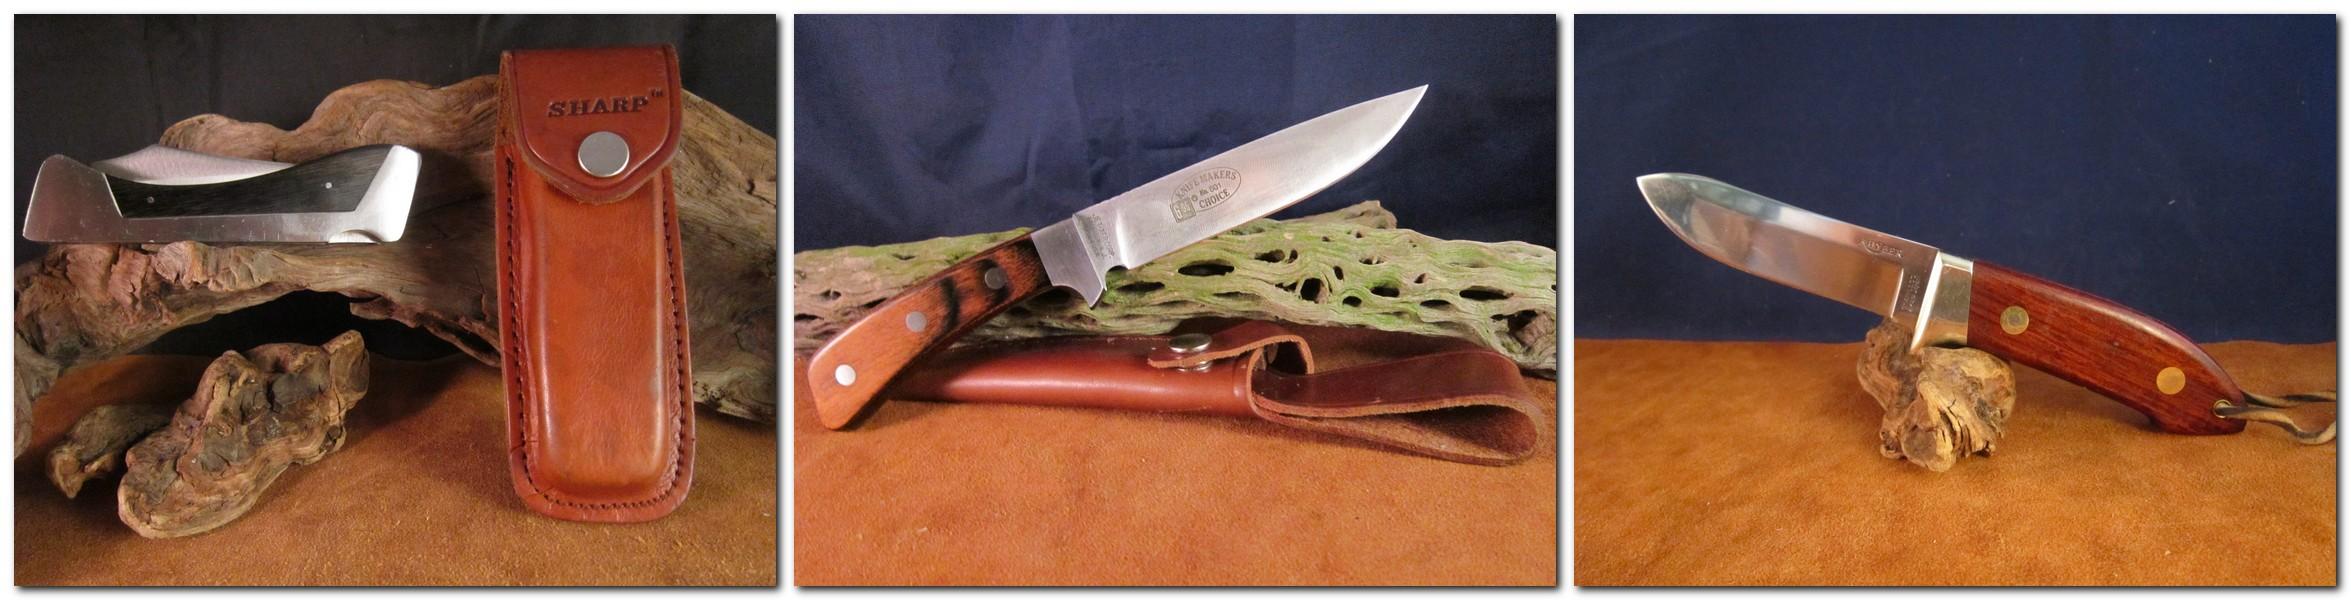 -99-knives.jpg